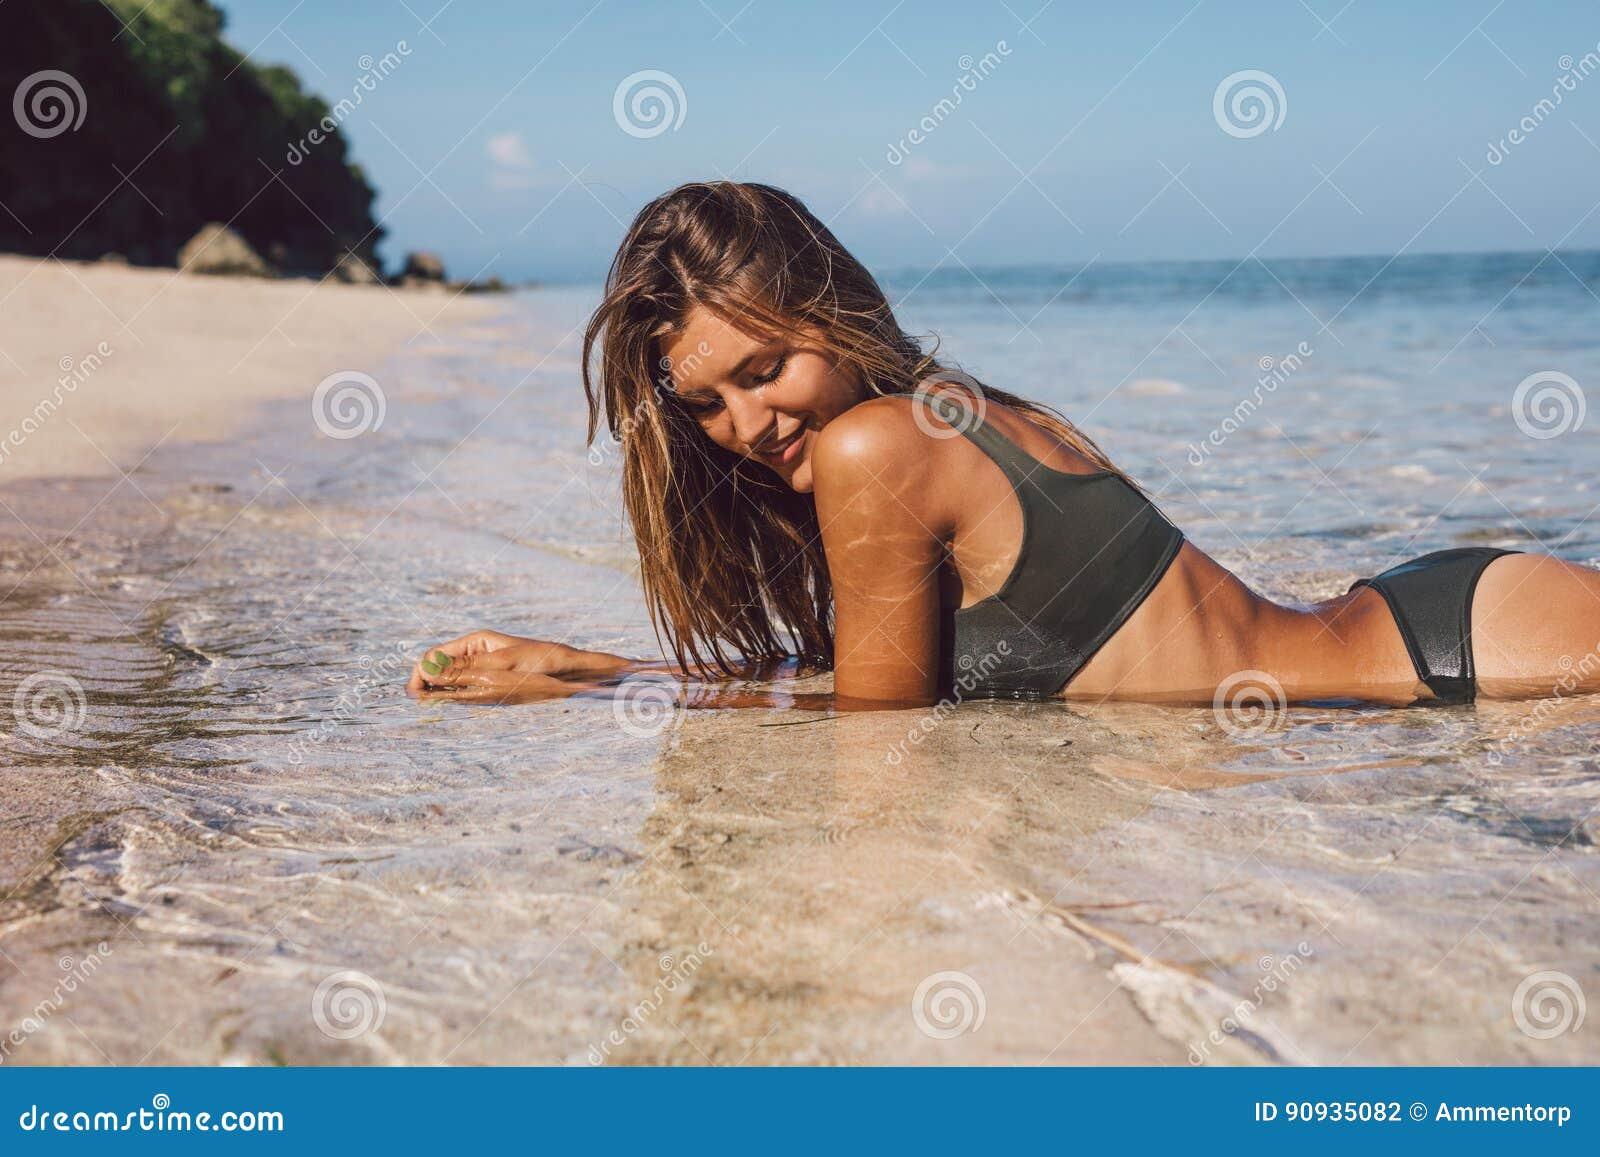 Όμορφη νέα γυναίκα στο μπικίνι που βρίσκεται στην παραλία